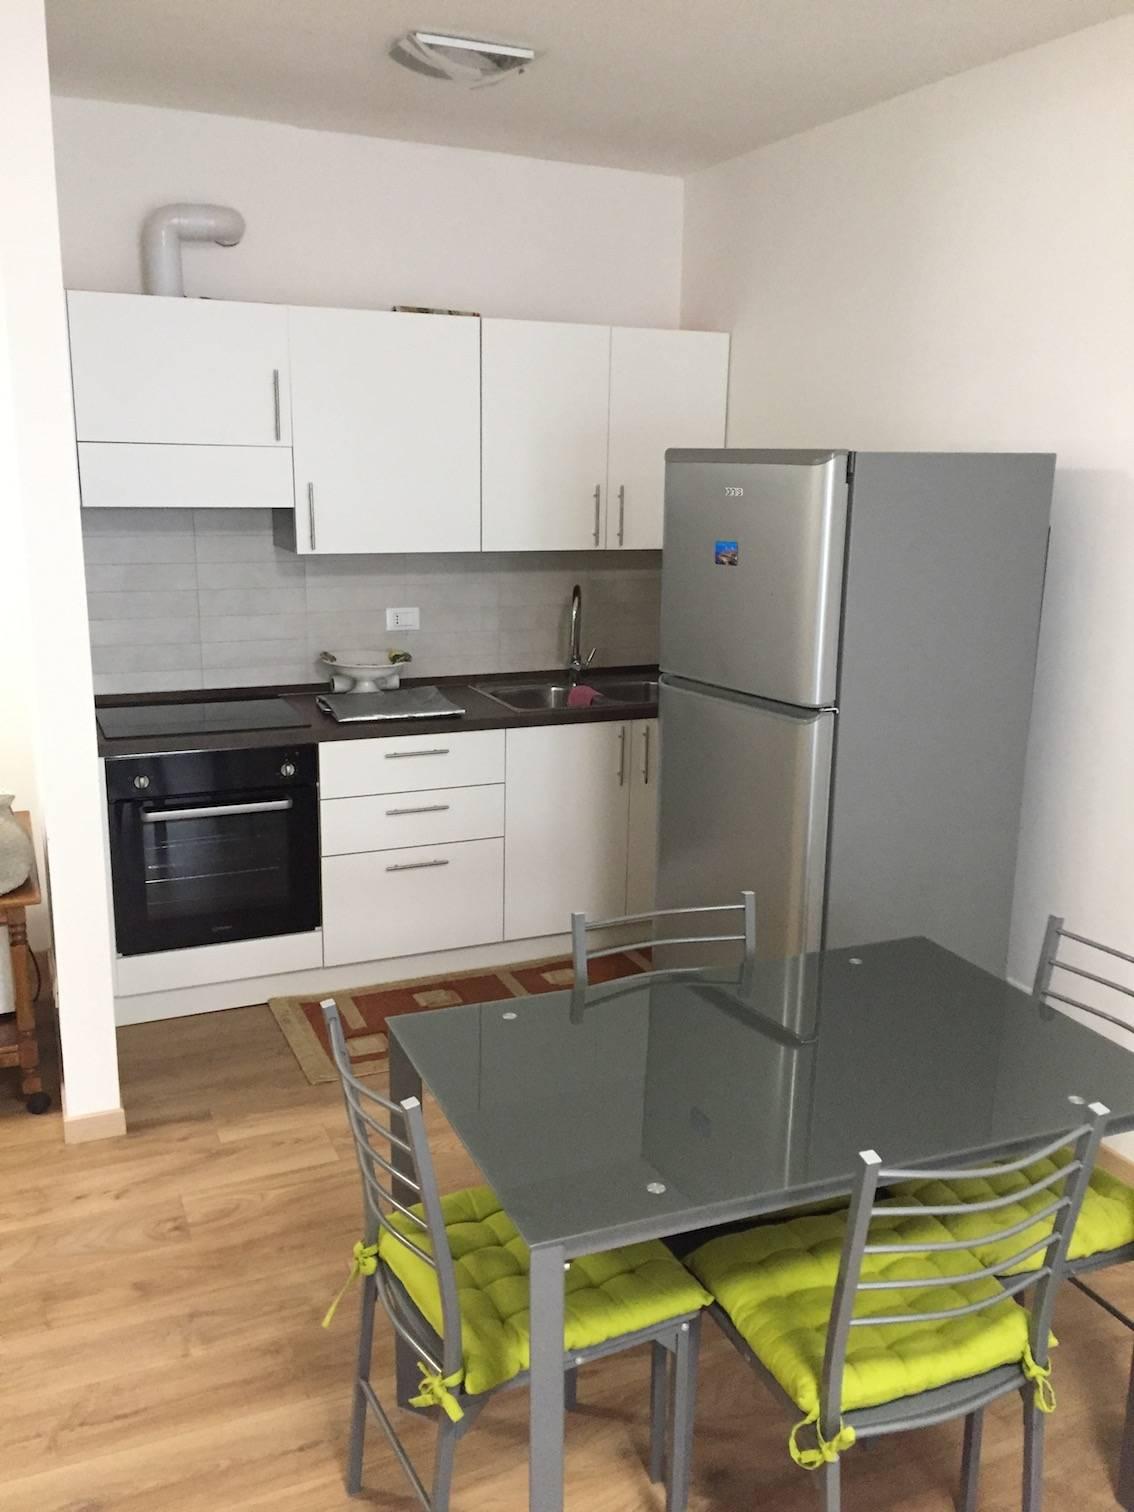 Appartamento in vendita a Udine, 2 locali, prezzo € 88.000 | PortaleAgenzieImmobiliari.it